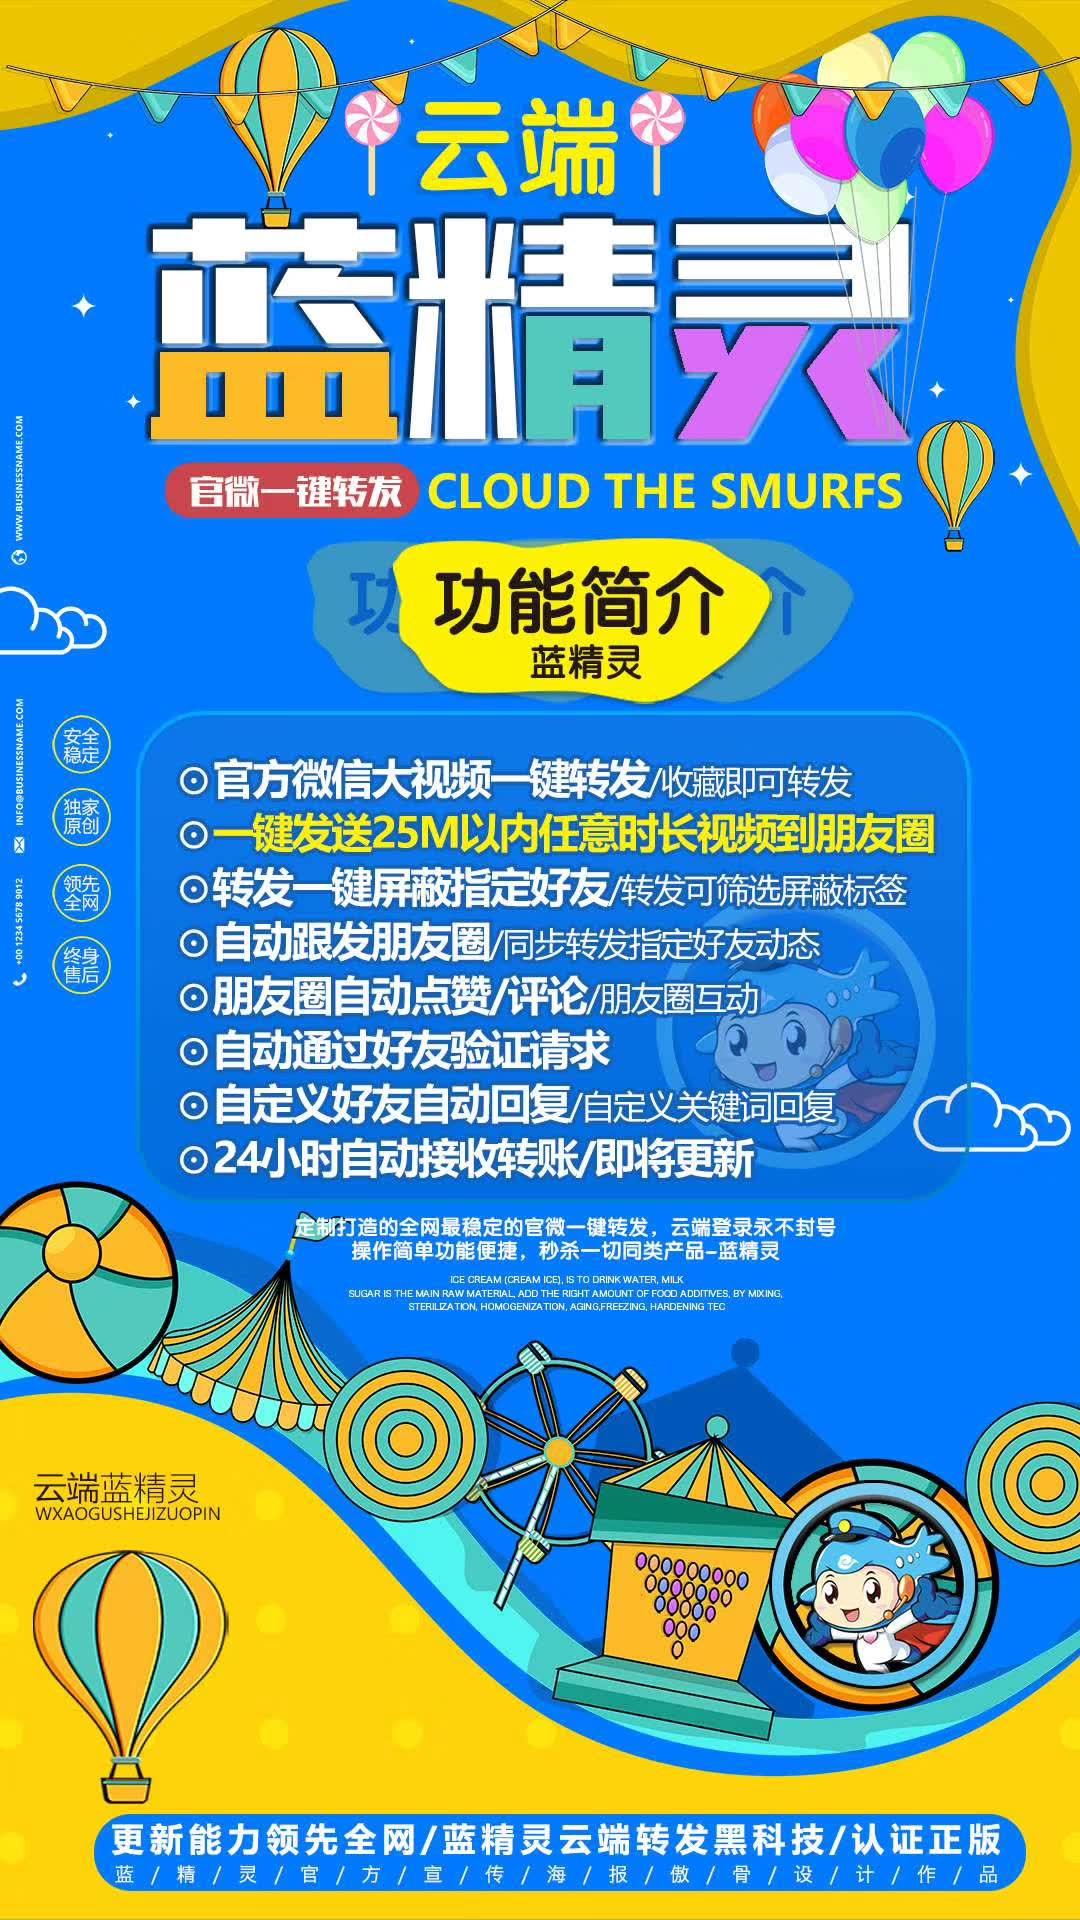 【蓝精灵官网】云端转发 发本地大视频 可屏蔽自动回复自动点赞